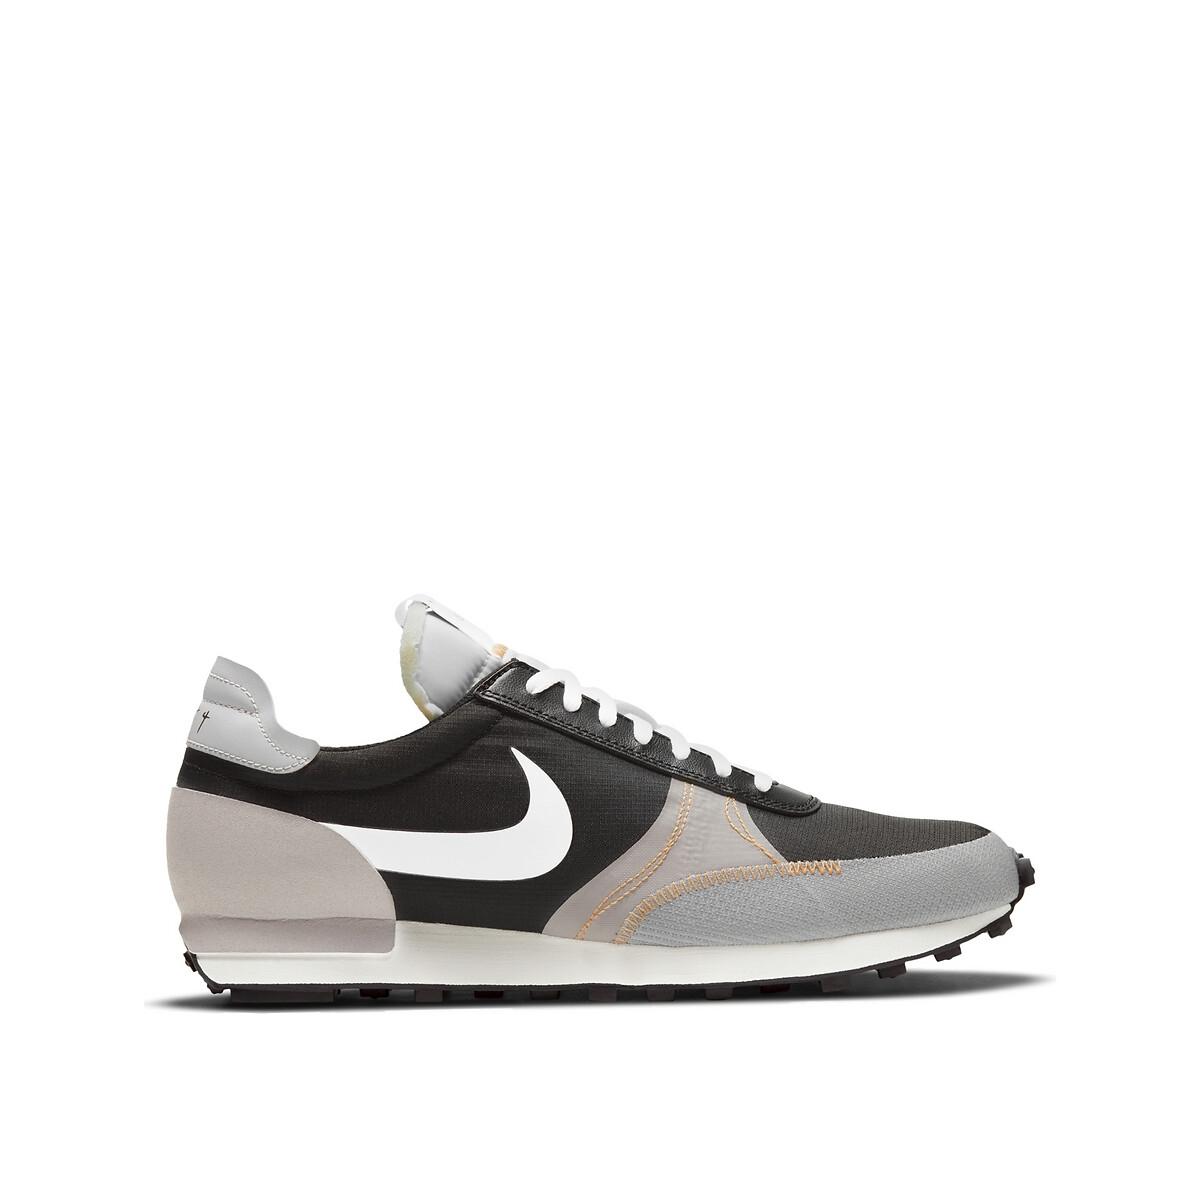 Nike DBreak-Type SE hardloopschoen met mesh detail online kopen